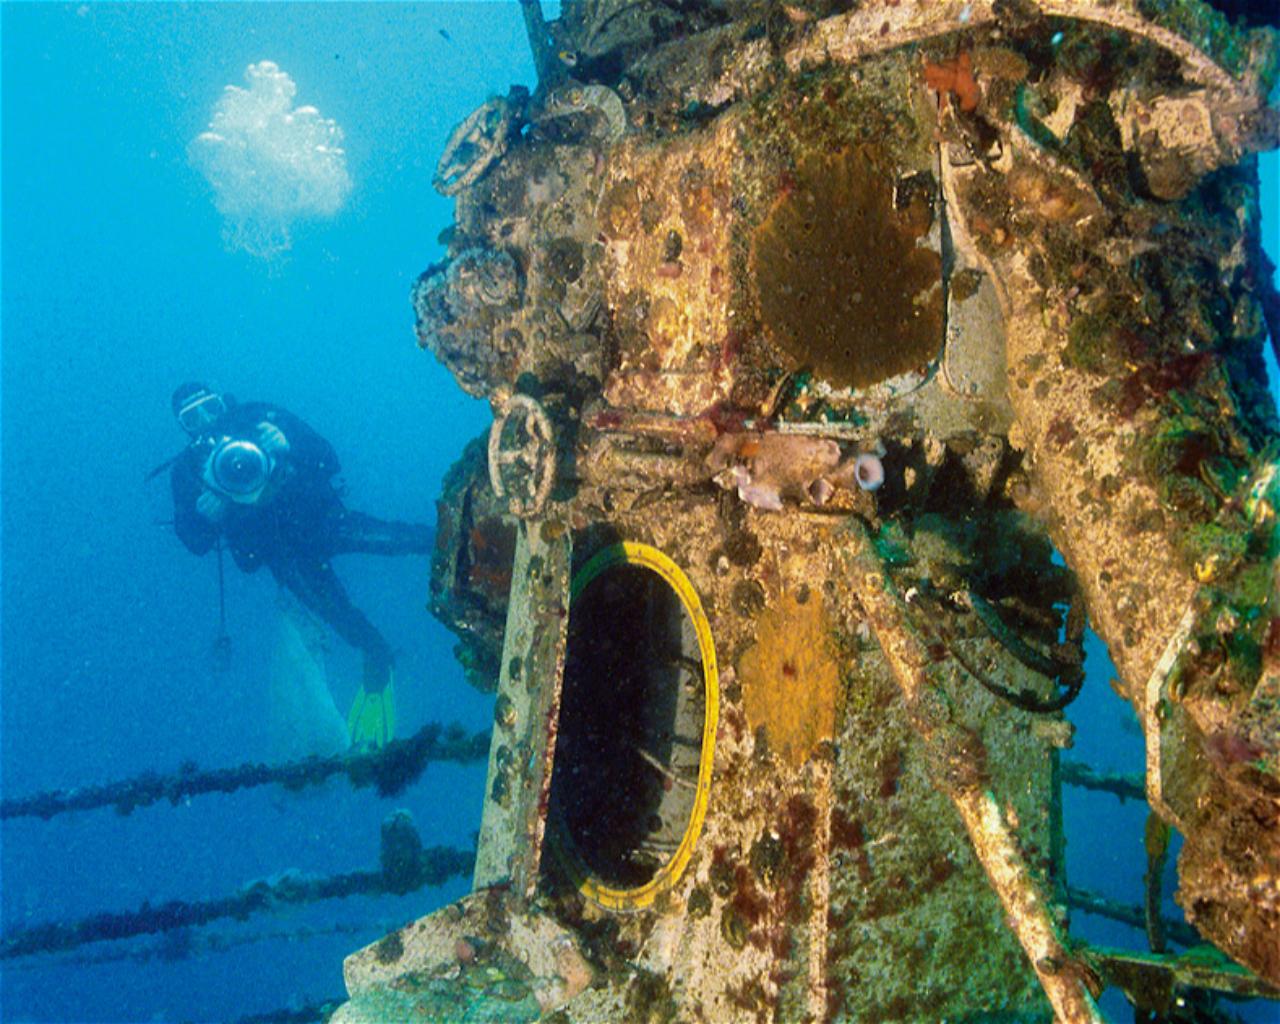 HMAS Perth II